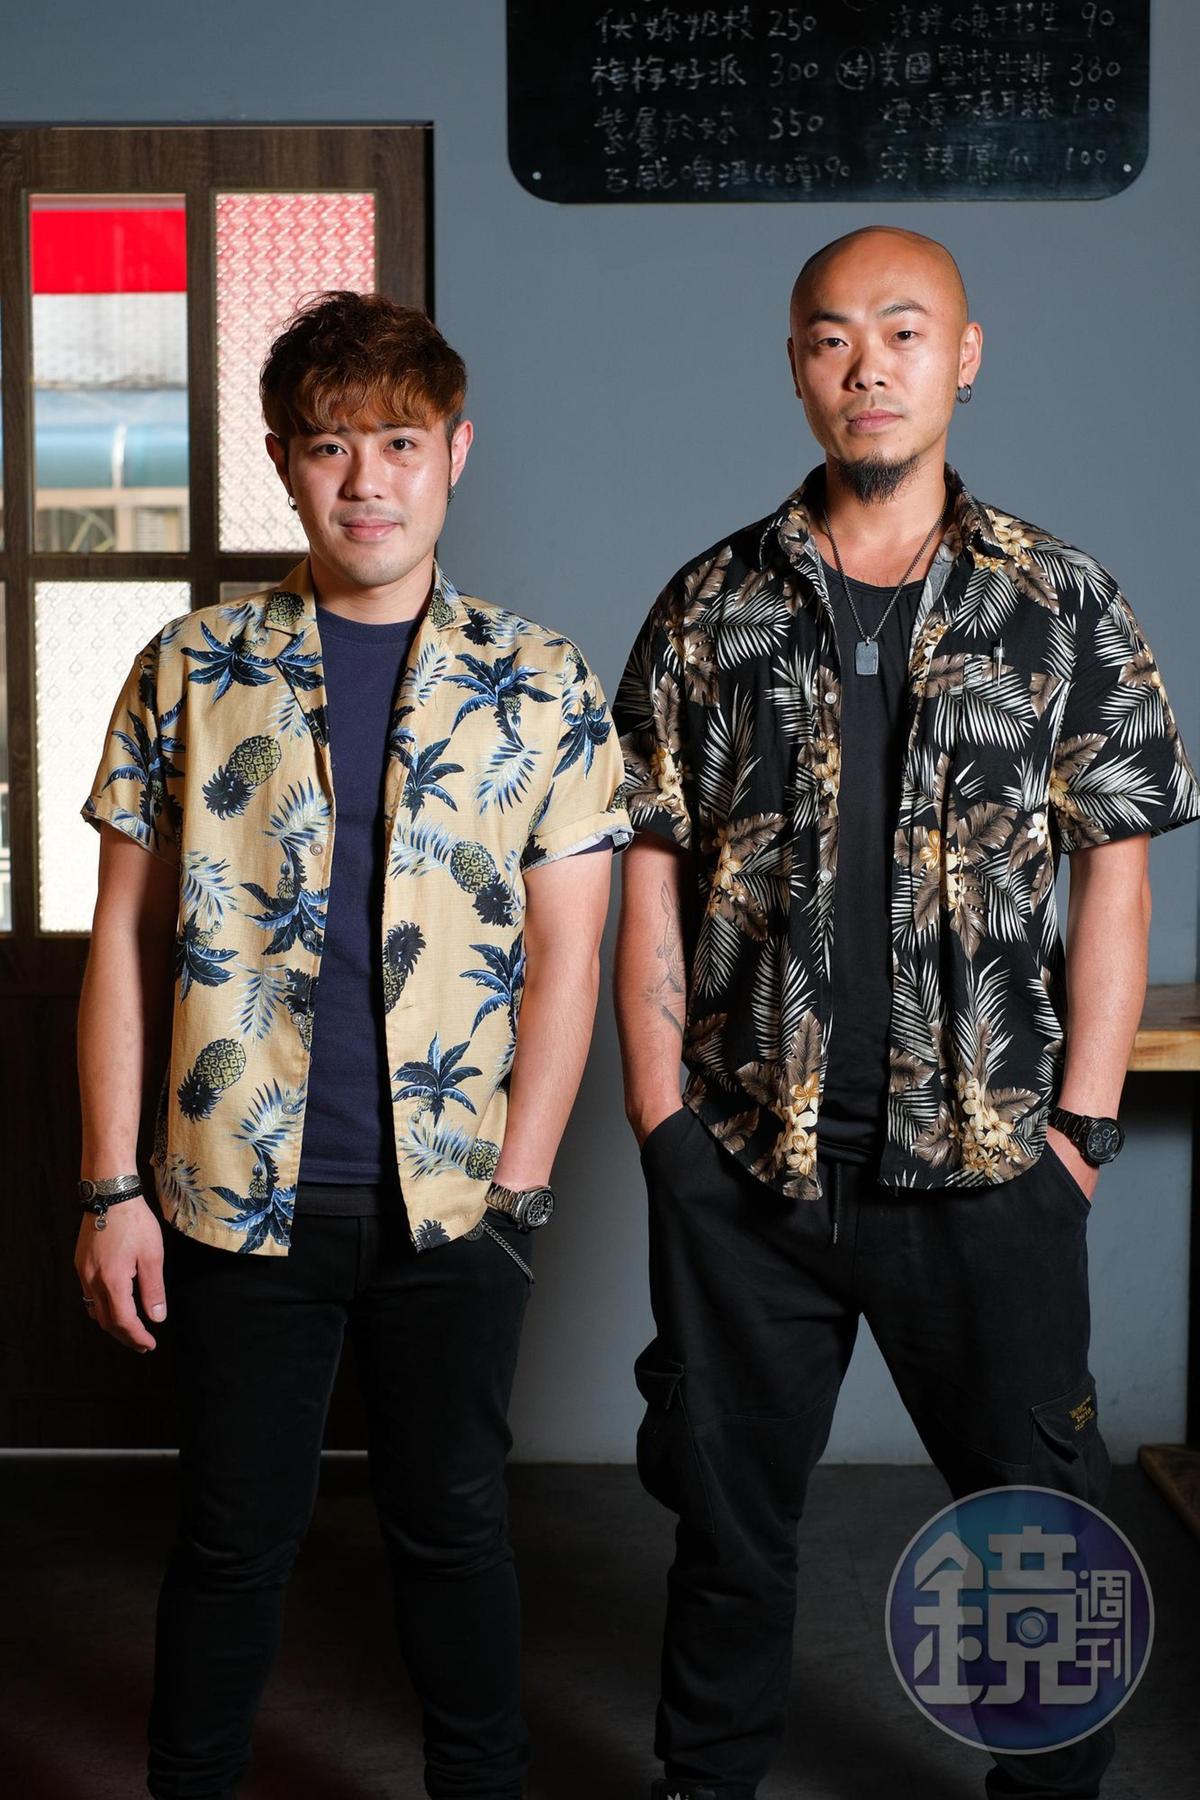 老闆張顯宗(左)、鄧喬安(右),套上花襯衫,把台味穿出態度。